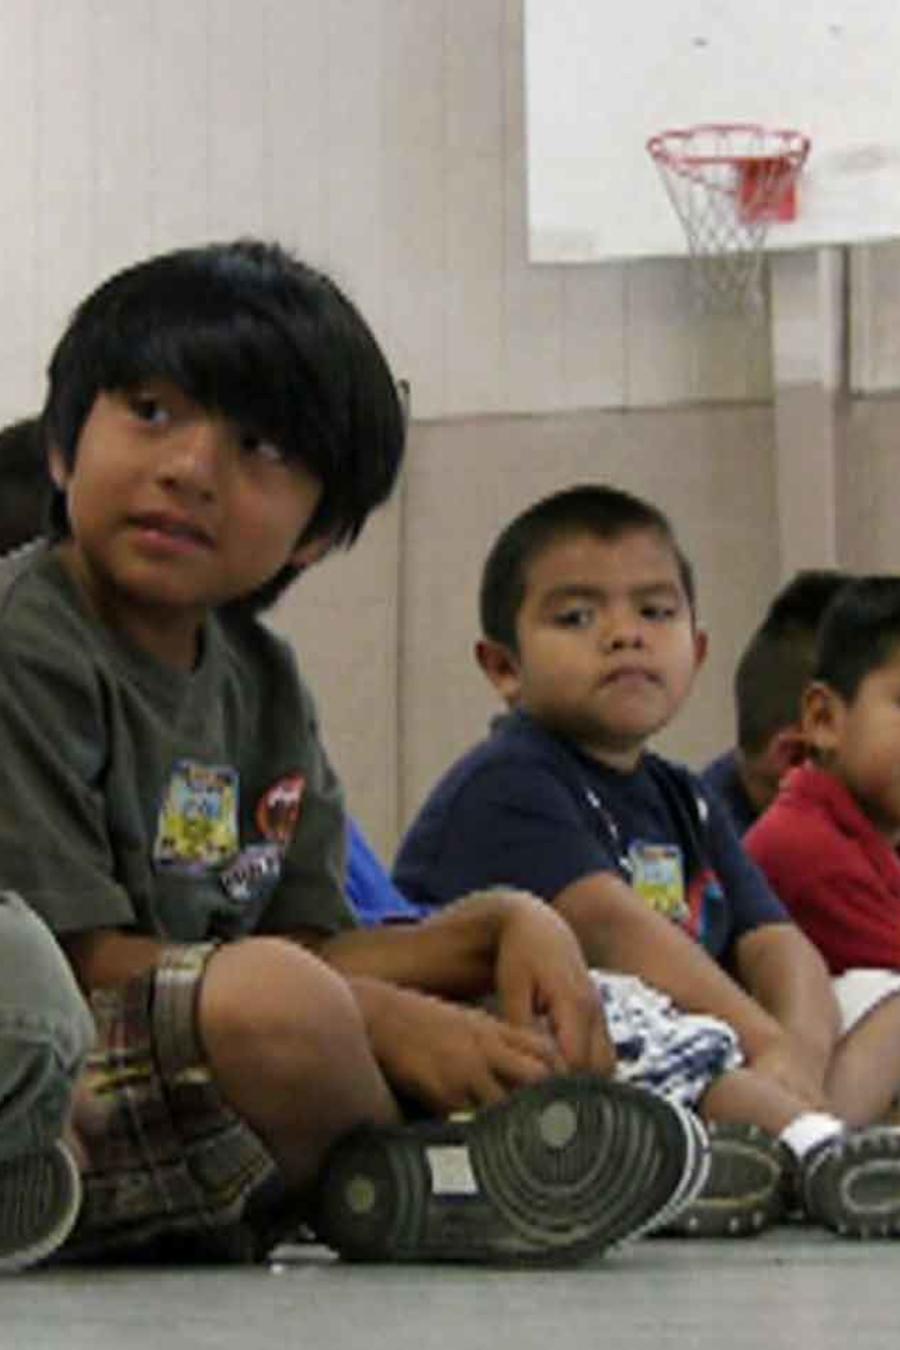 Niños inmigrantes en una escuela